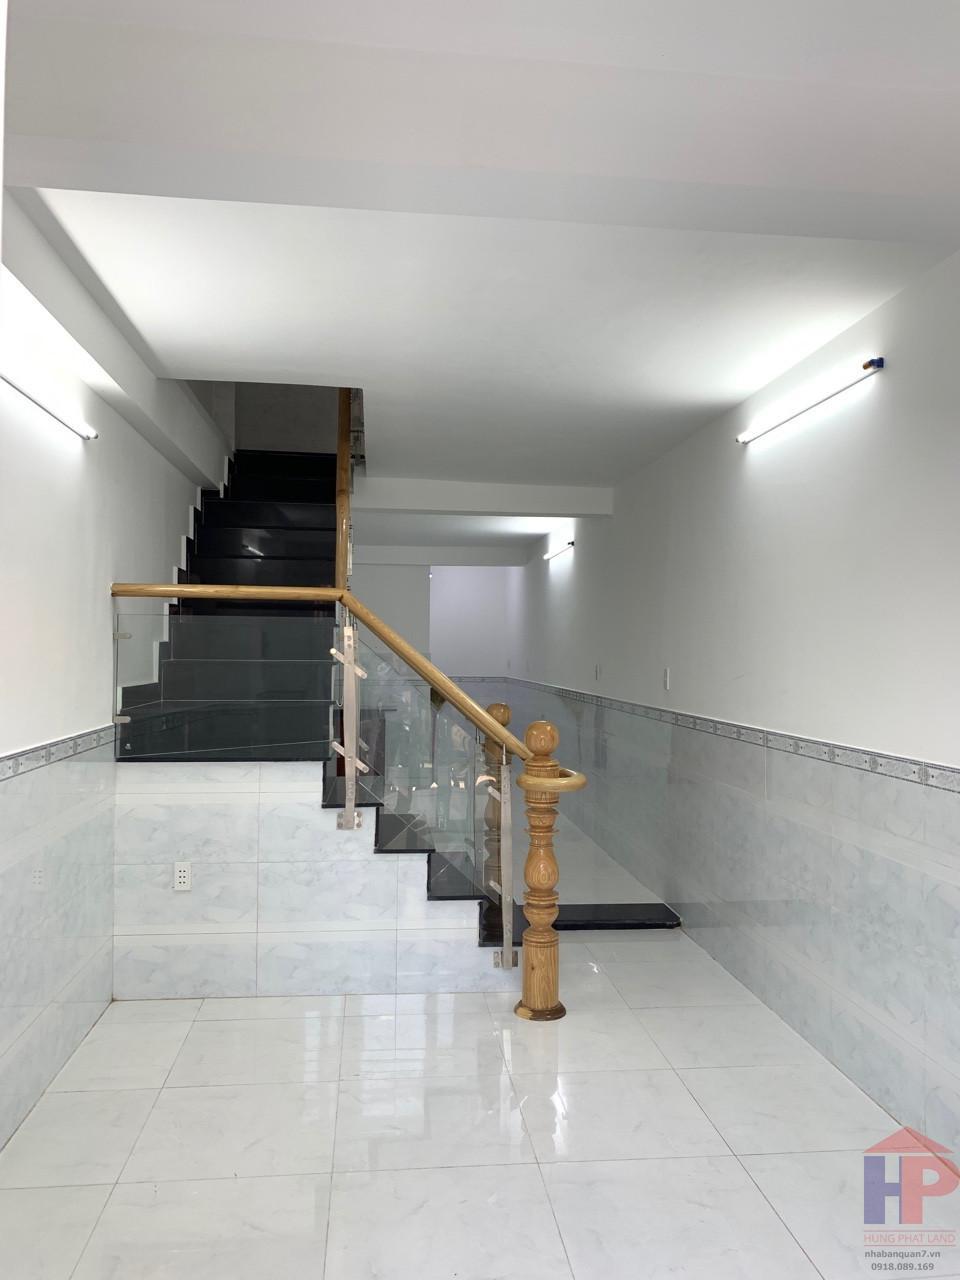 Mua bán nhà hẻm 861 Trần Xuân Soạn Quận 7, 1 lầu, DT 6x15.5m, giá 5.5 tỷ